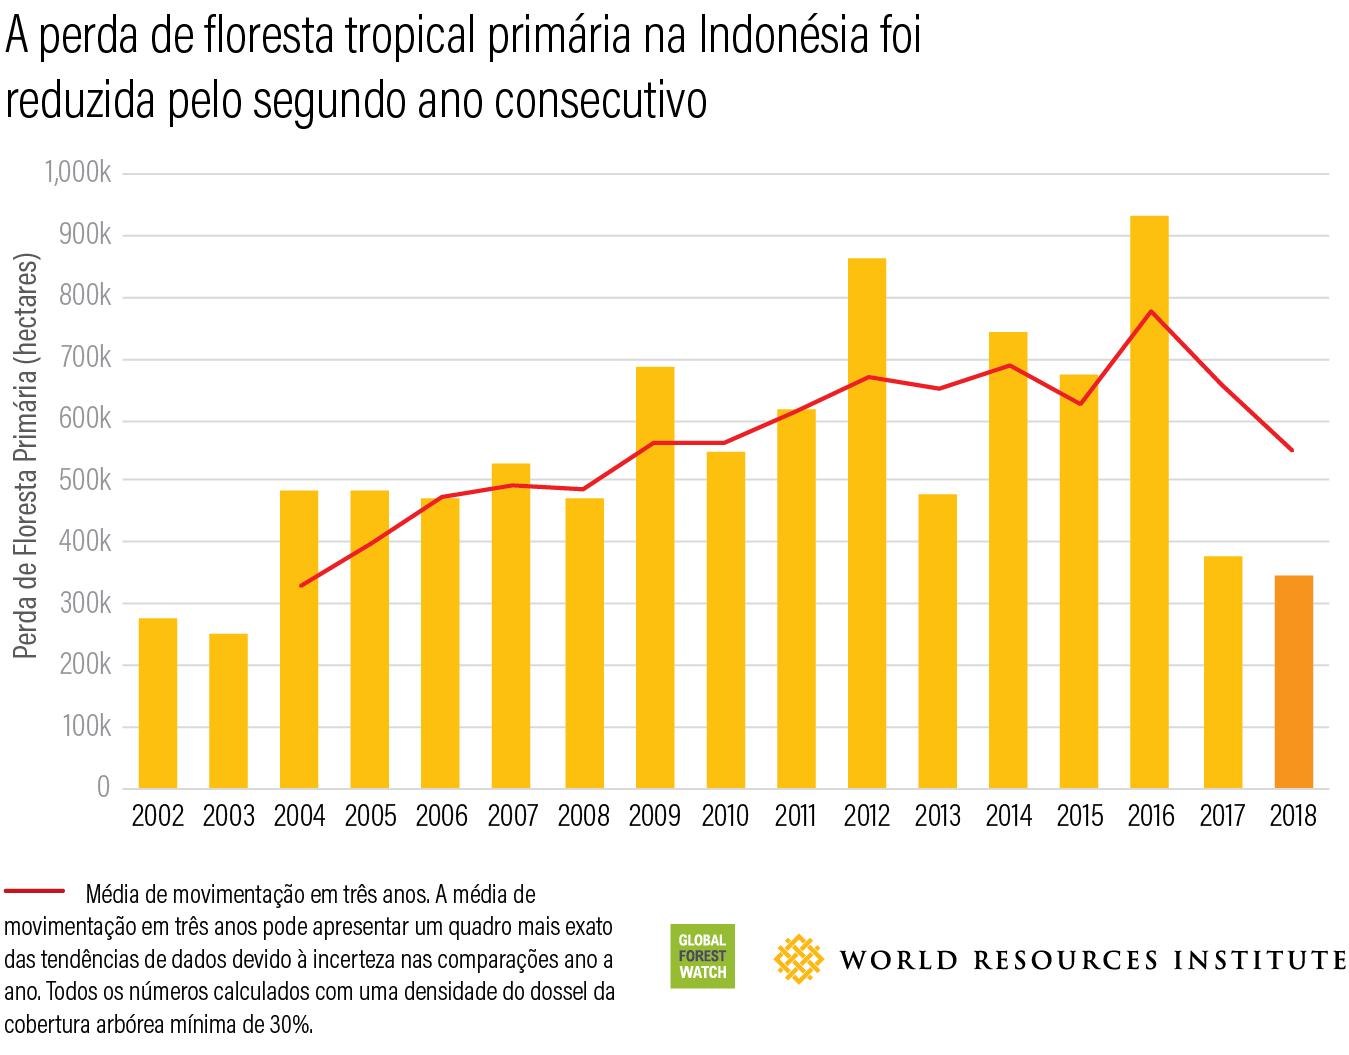 A perda de floresta tropical prinaria na indonesia foi reduzida pelo segundo ano consecutivo